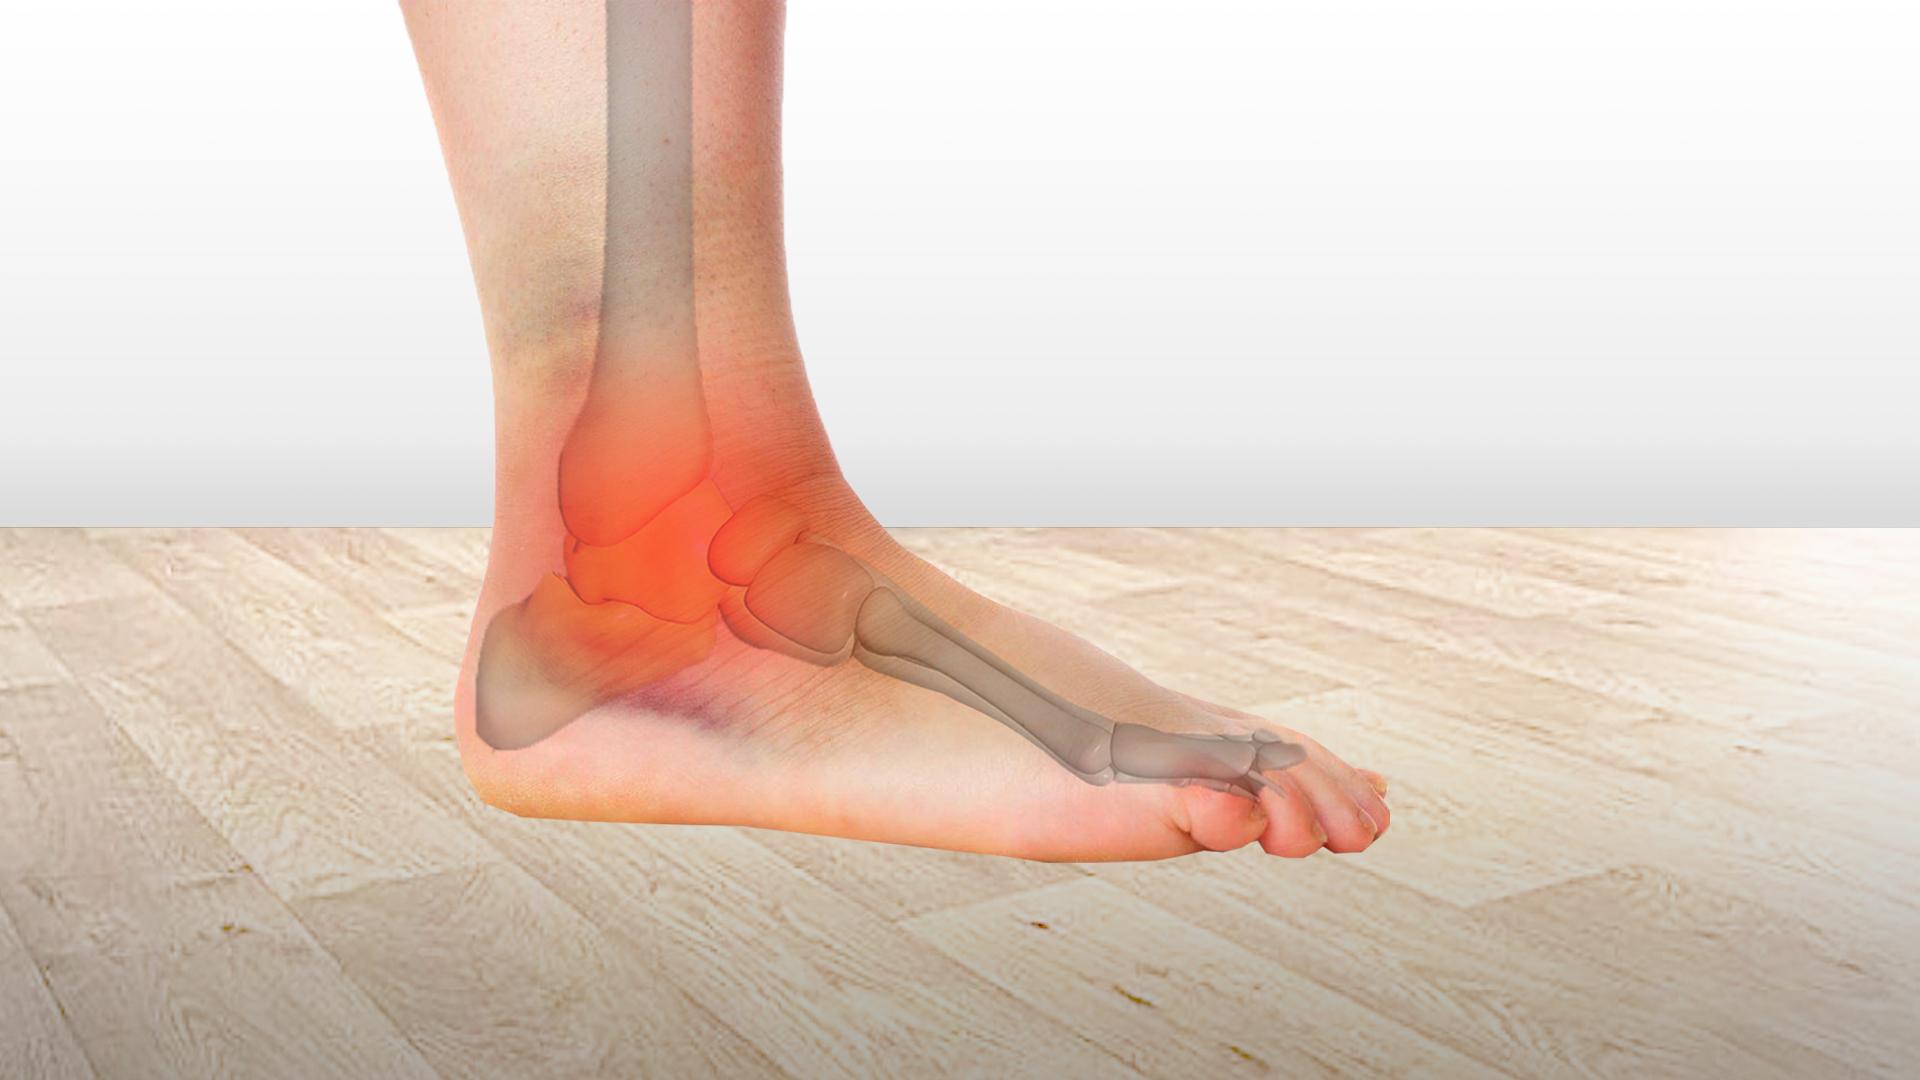 acțiuni pentru vătămarea gleznei inflamația articulației gleznei la nivelul piciorului